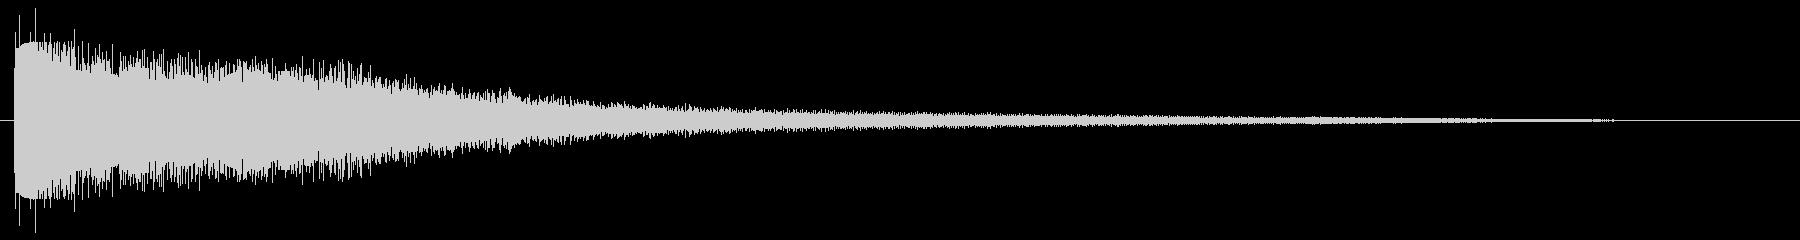 チーン(金属の音色)の未再生の波形